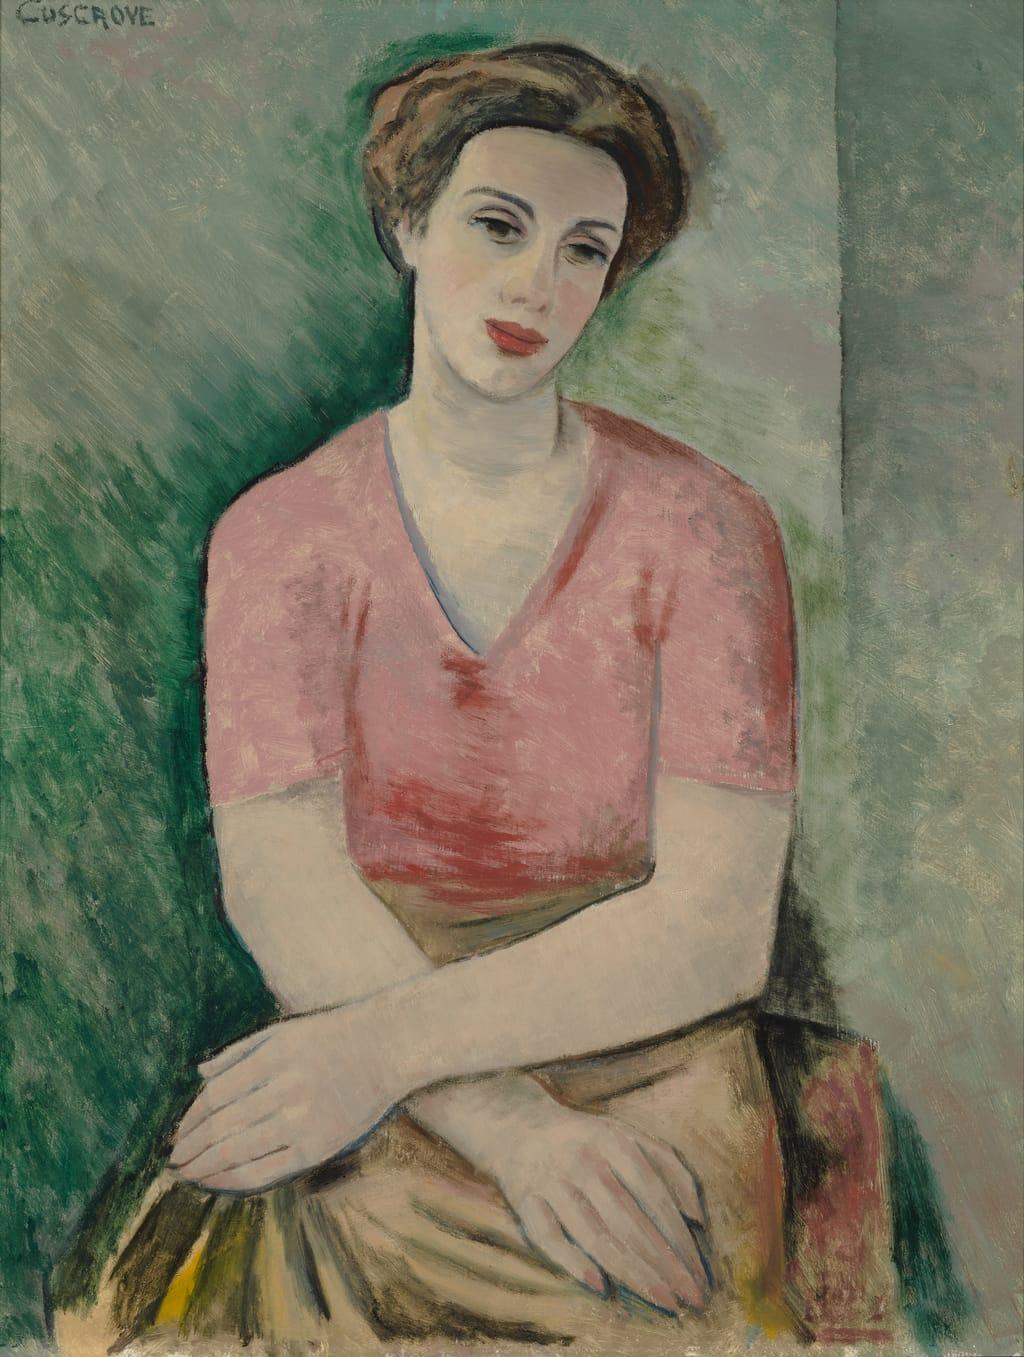 Claire Létourneau